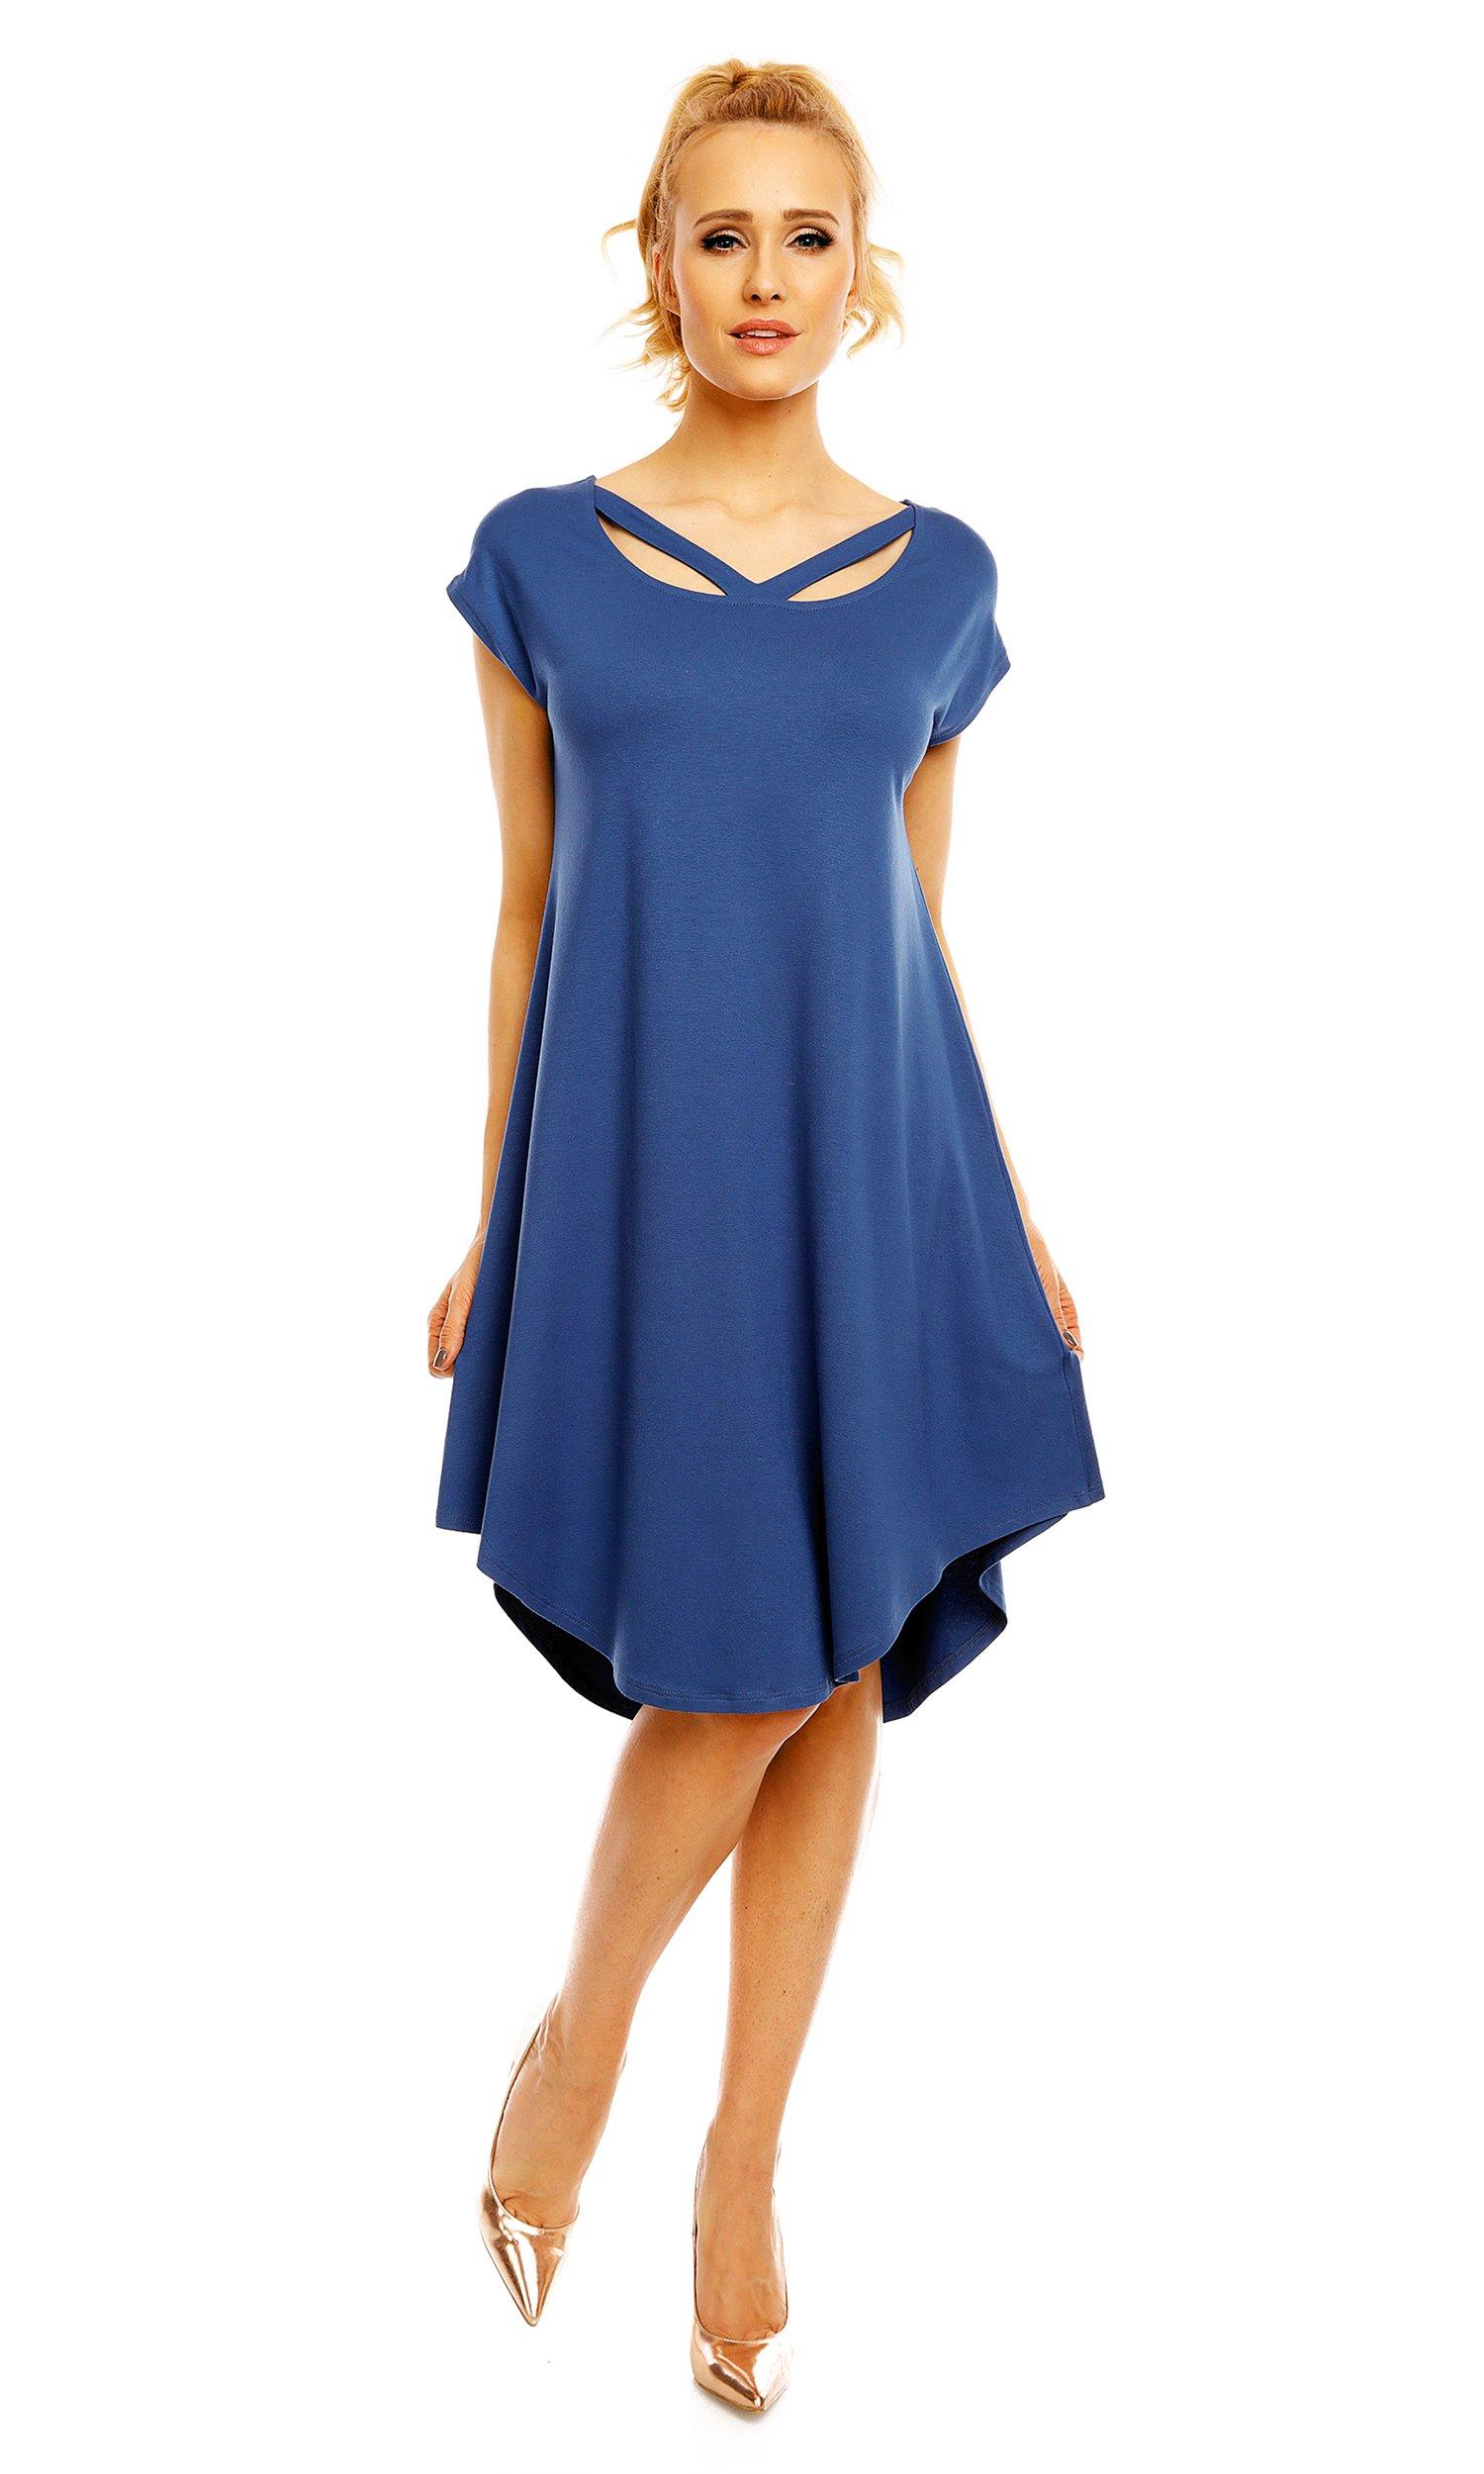 974b6bbc 95 - Sukienka Wiki LENTAL - 33 kolory - S/M - 6976452757 - oficjalne ...